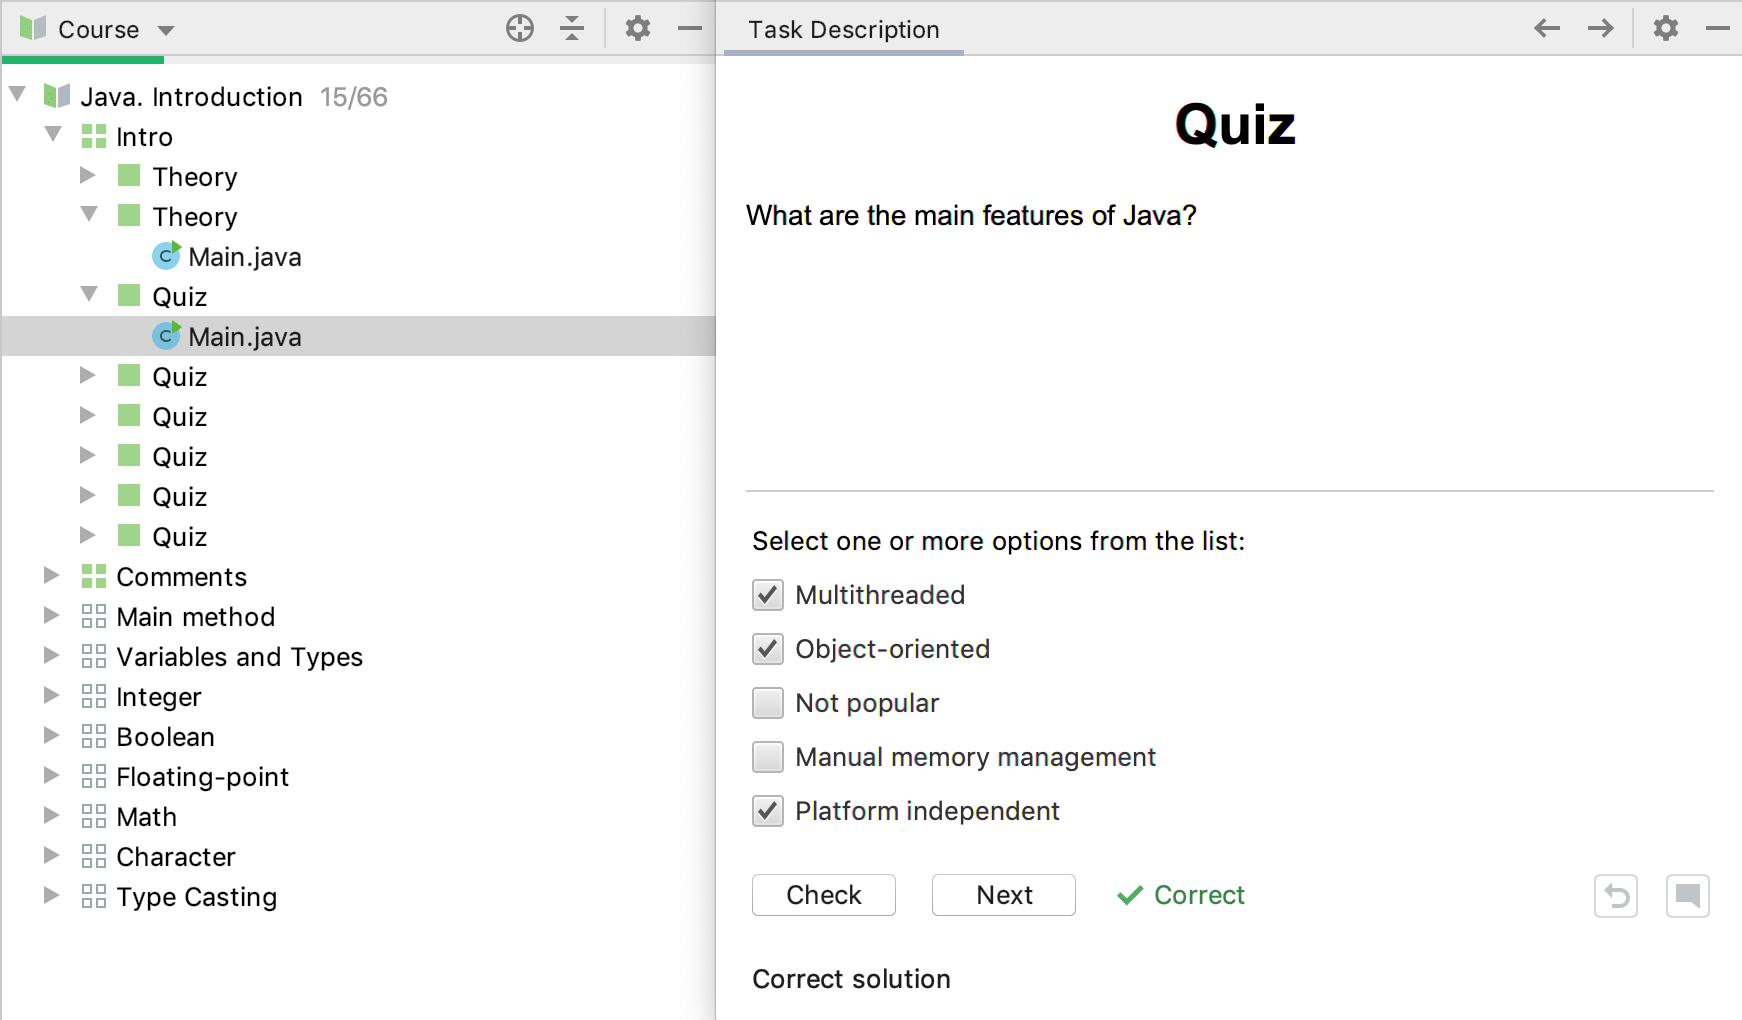 Edu quiz check java intro